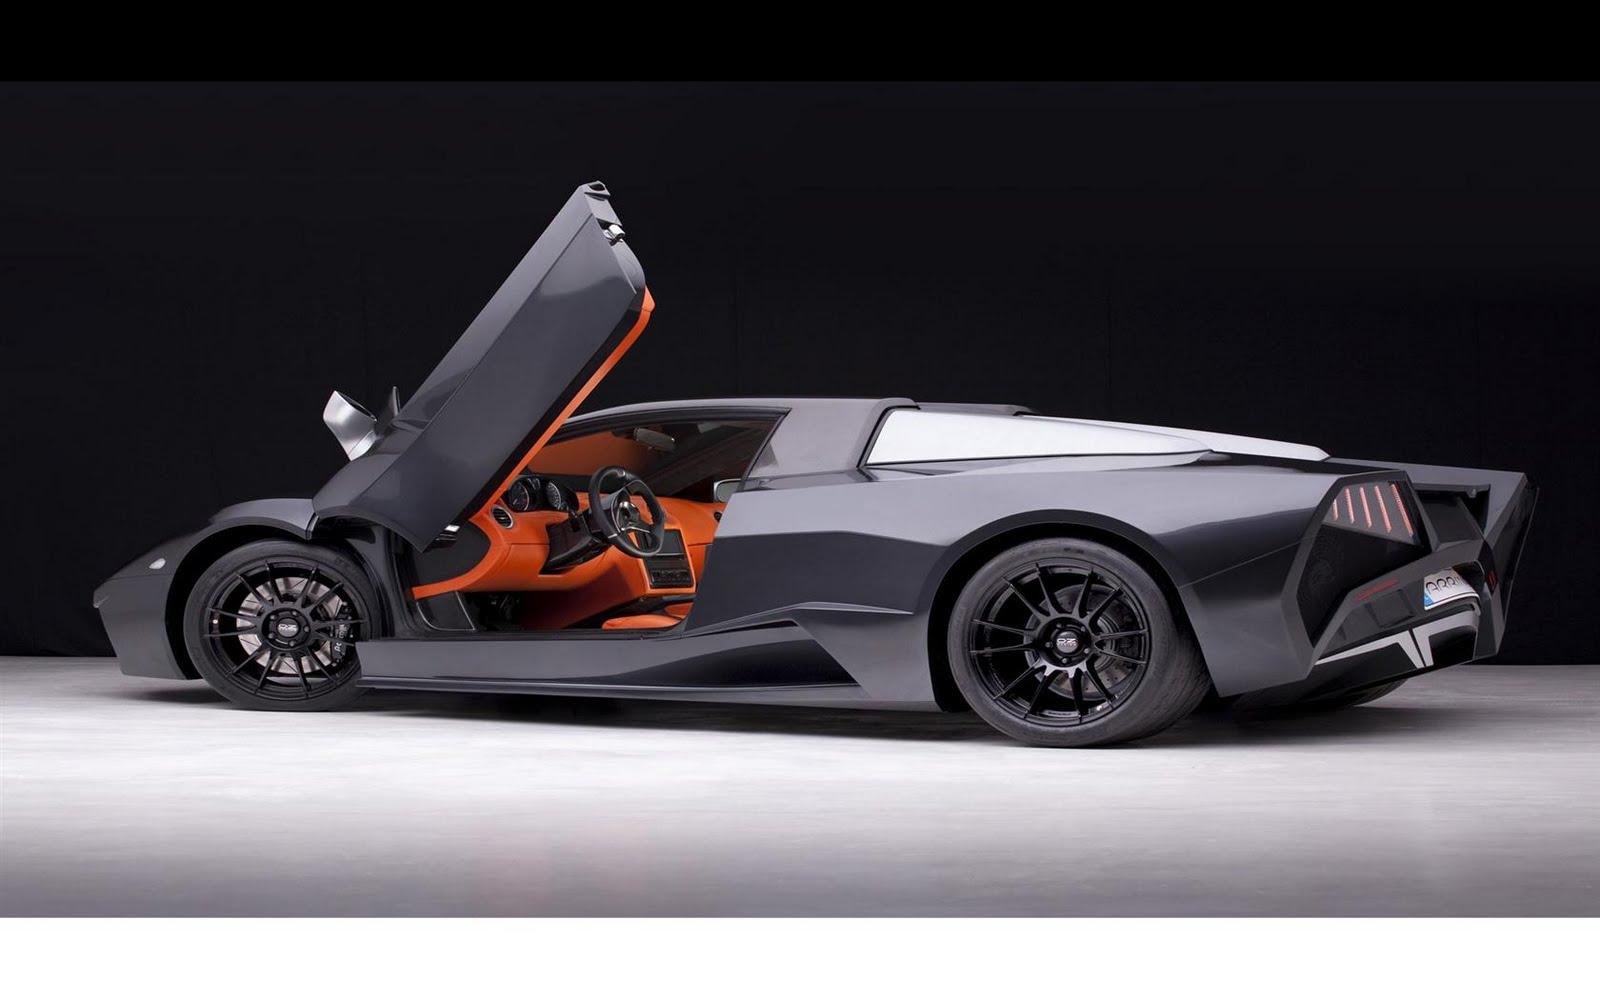 Arrinera Supercar 2012 New Model Car